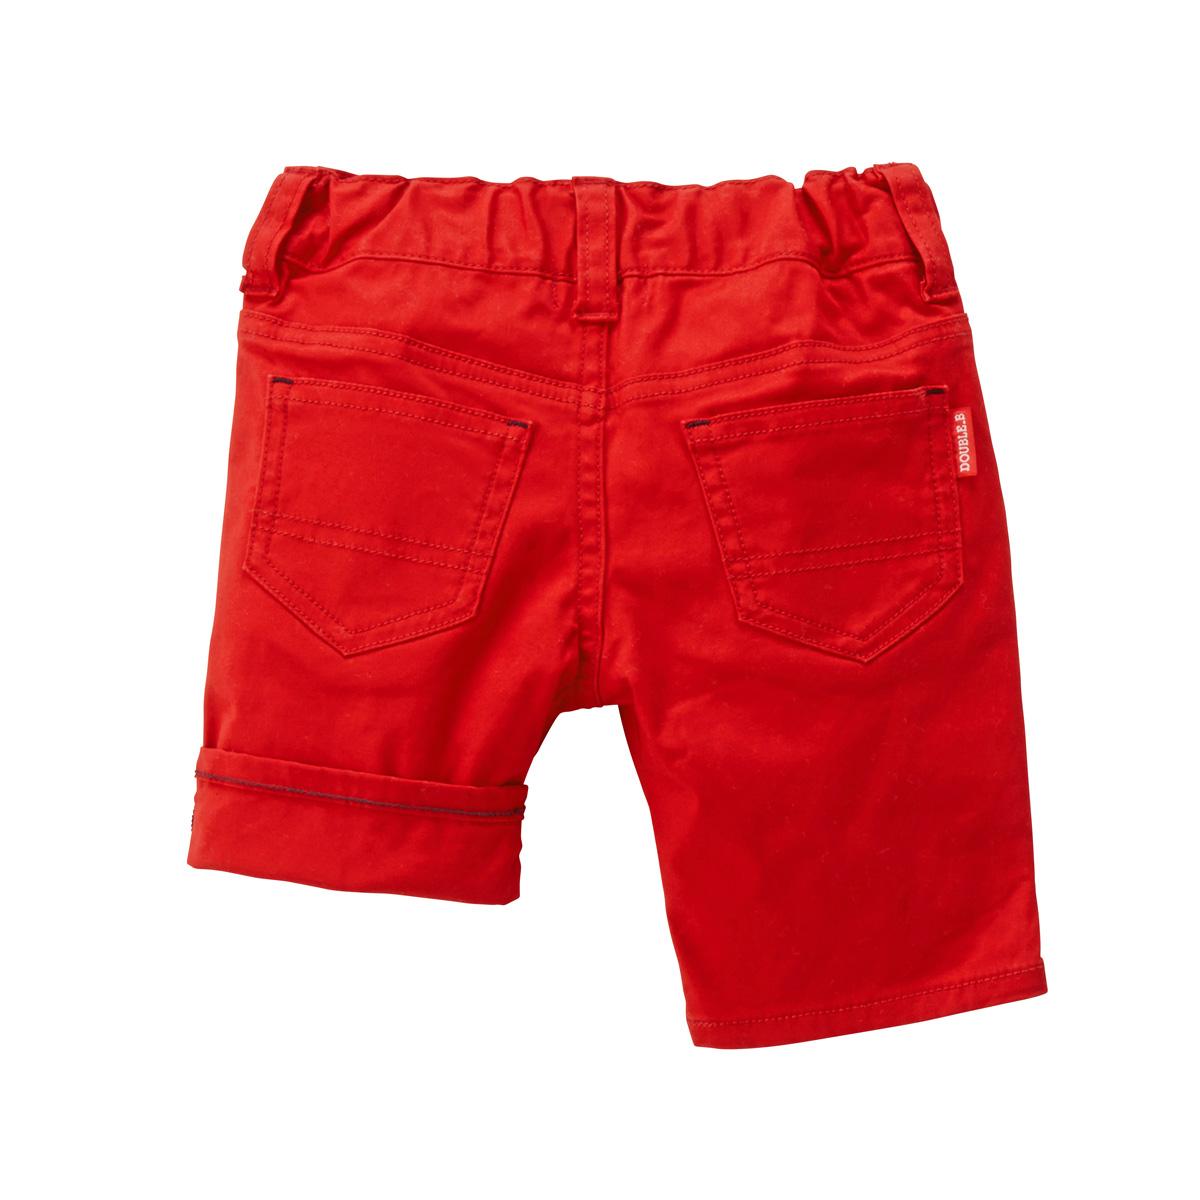 ミキハウス ダブルビー mikihouse 7分丈パンツ(120cm・130cm) キッズ 子供 子供服 男の子 女の子